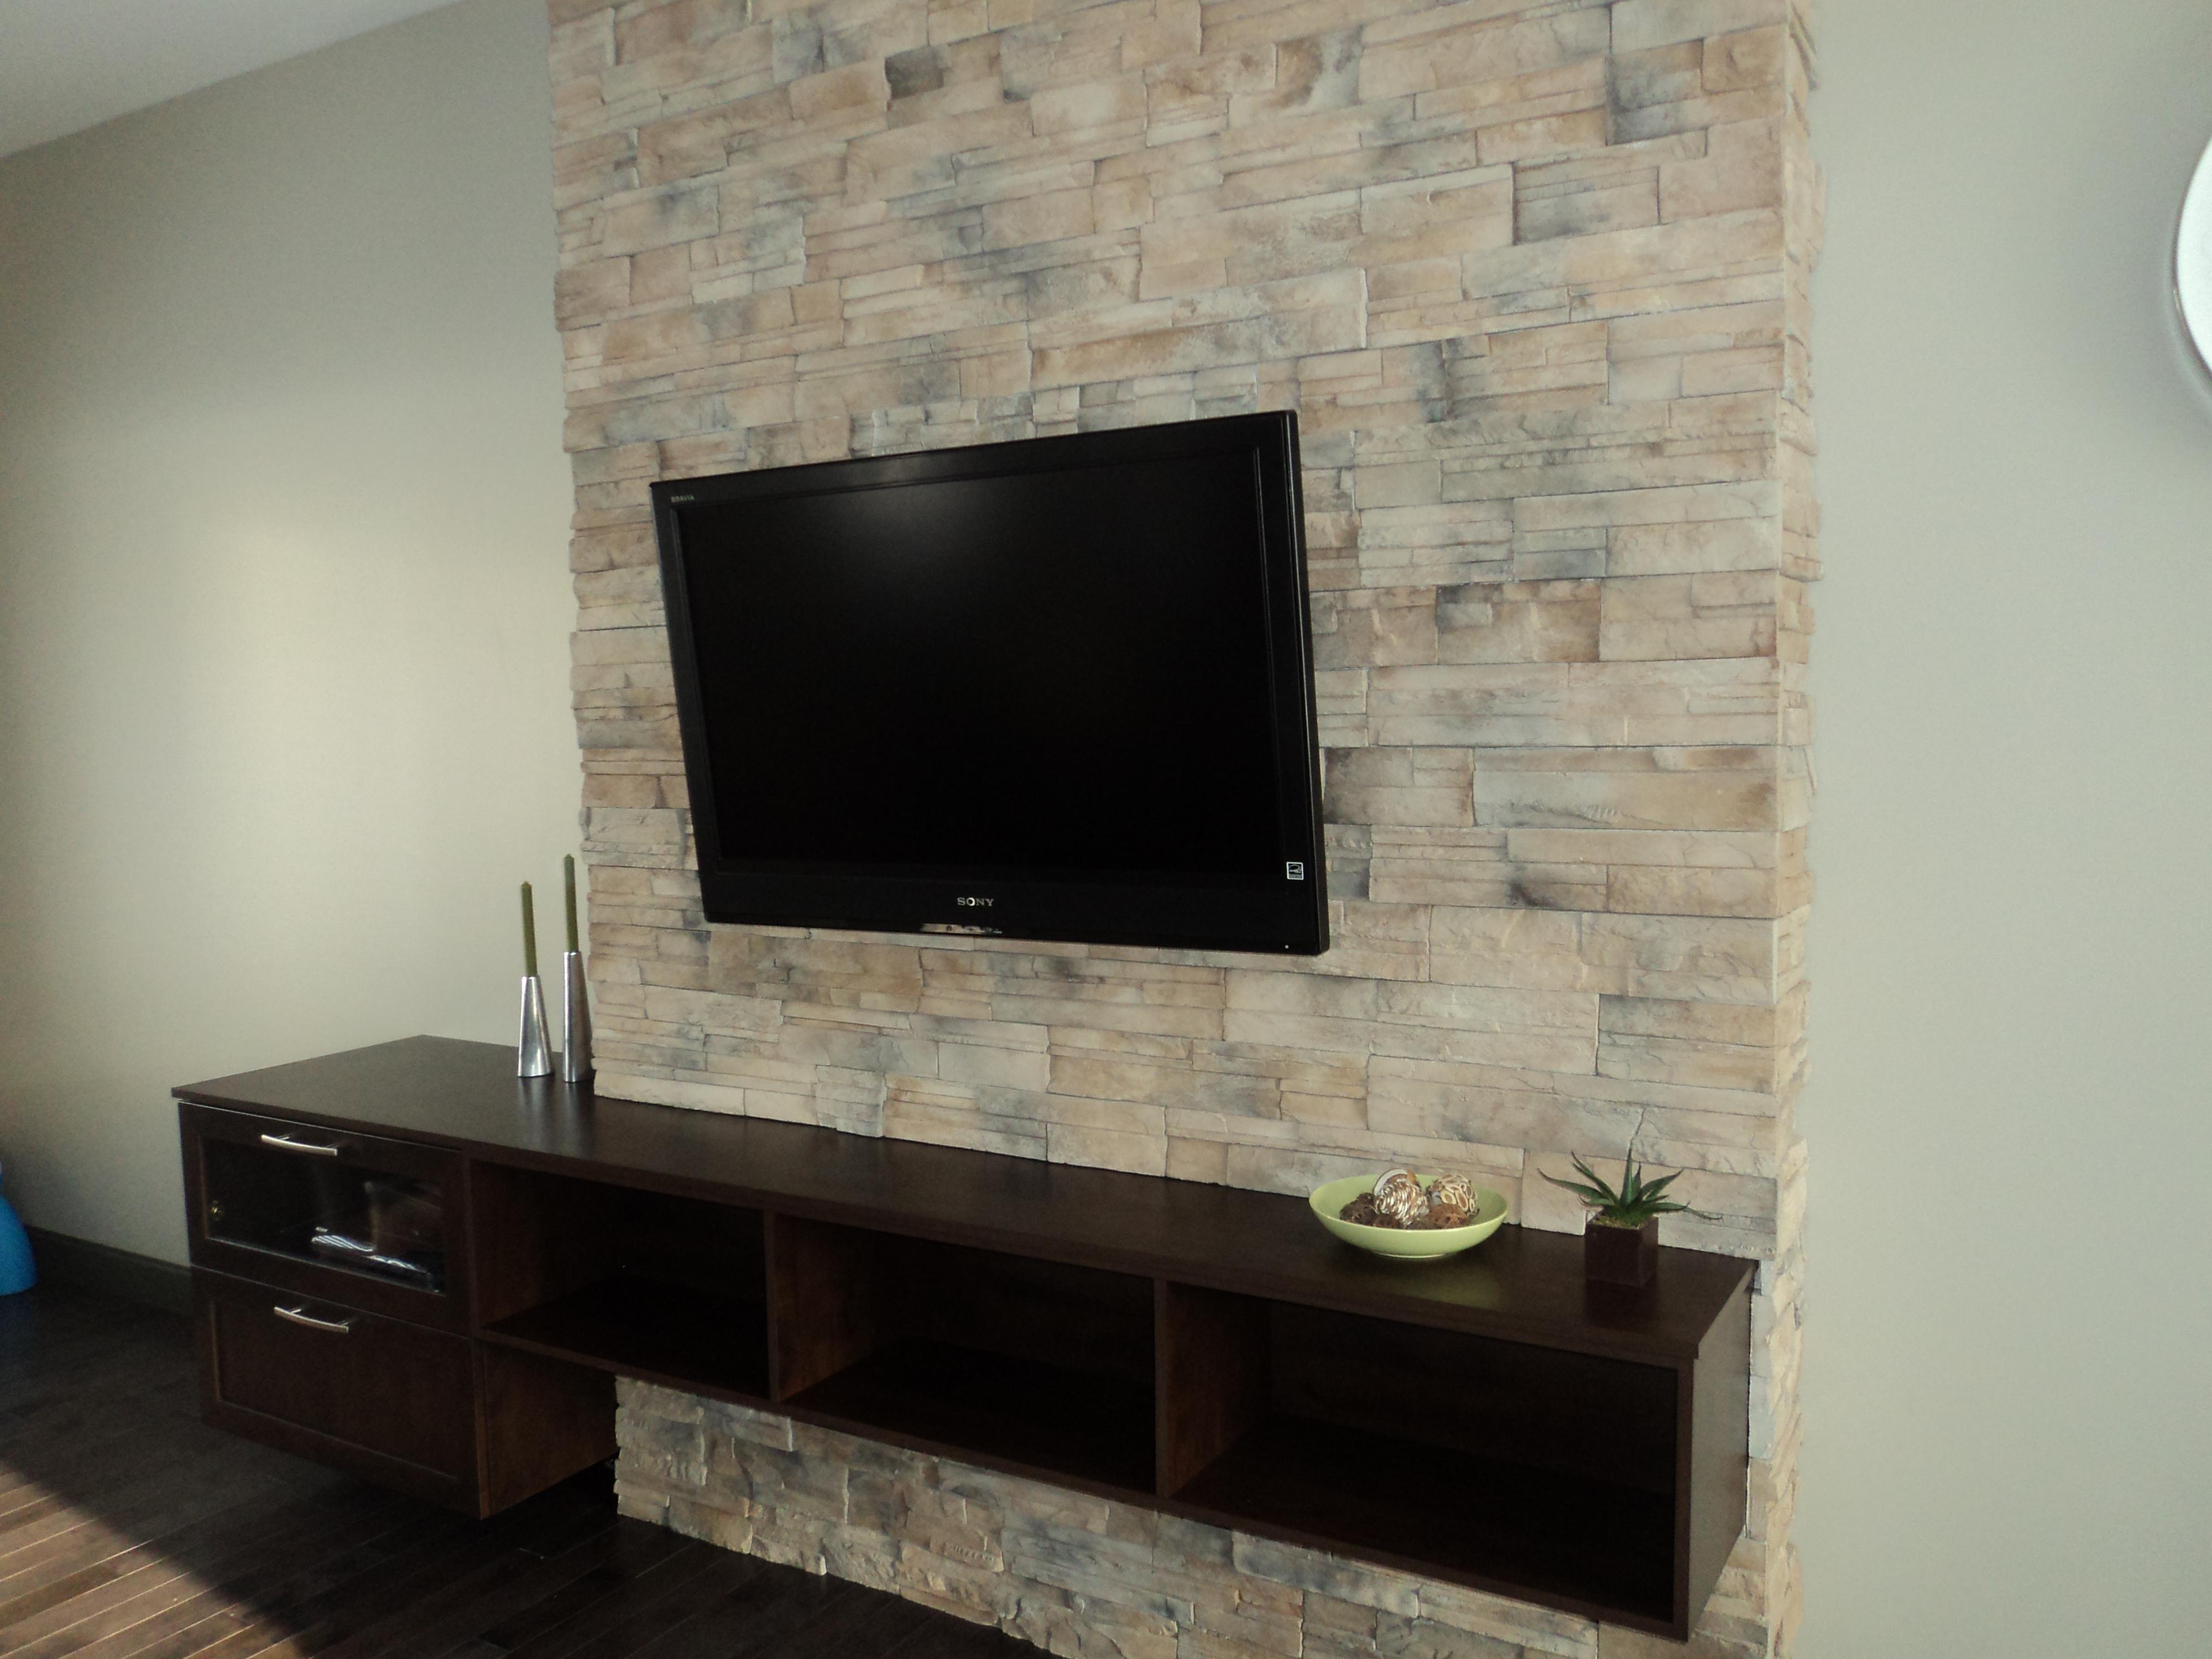 Meuble Polyest Re M Lamine Bois Blum Penture Coulisse  # Brick Meuble Tv Avec Foyer